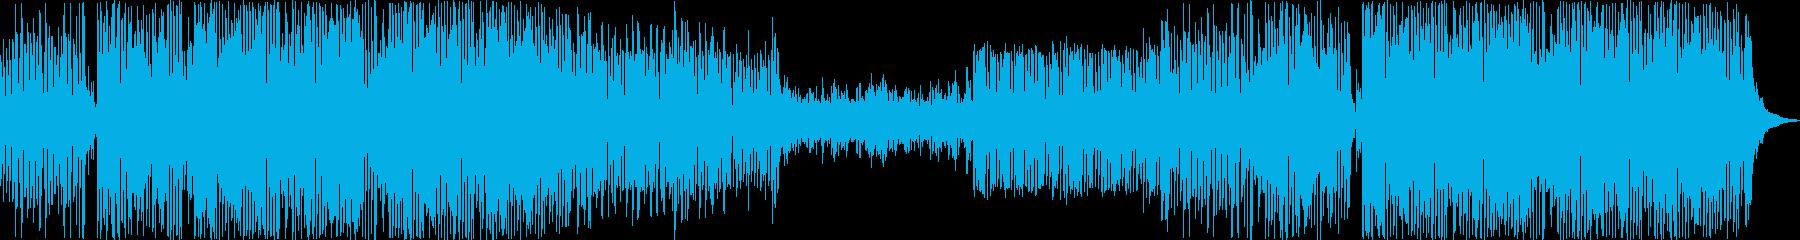 エレクトロニック 説明的 繰り返し...の再生済みの波形